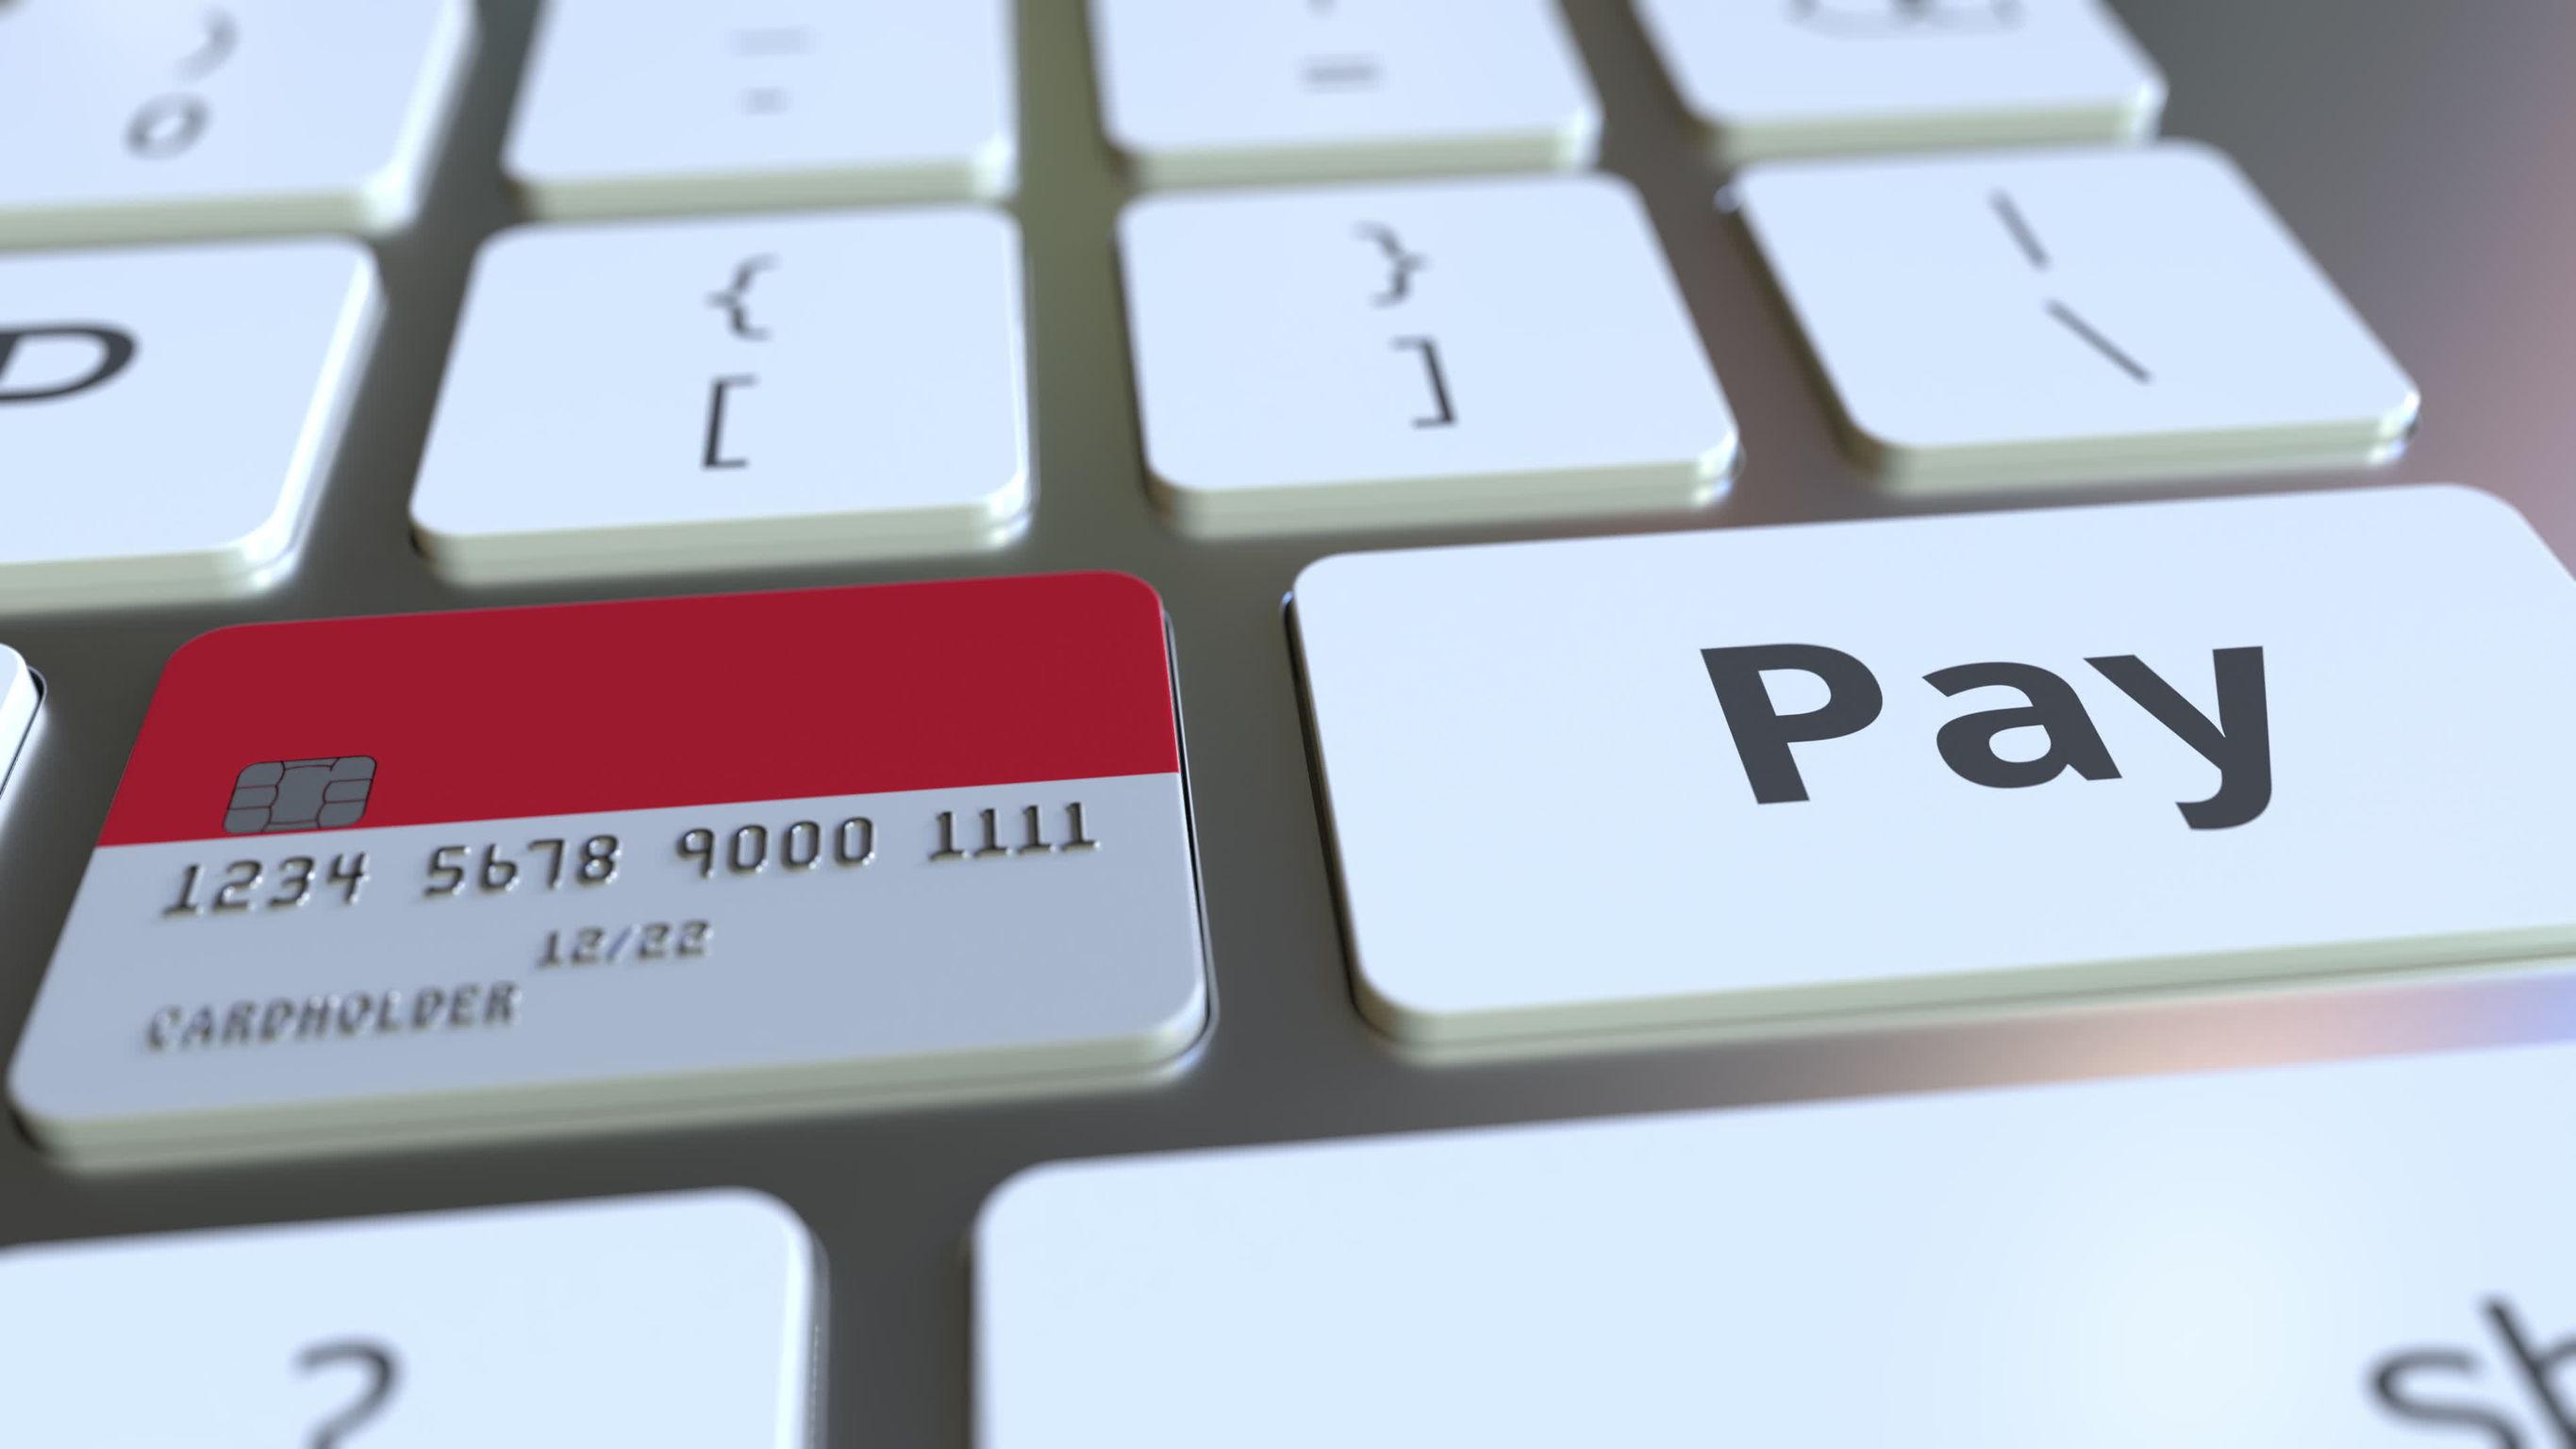 Cara Cerdas Menggunakan Kartu Kredit, No. 5 Wajib Tahu!